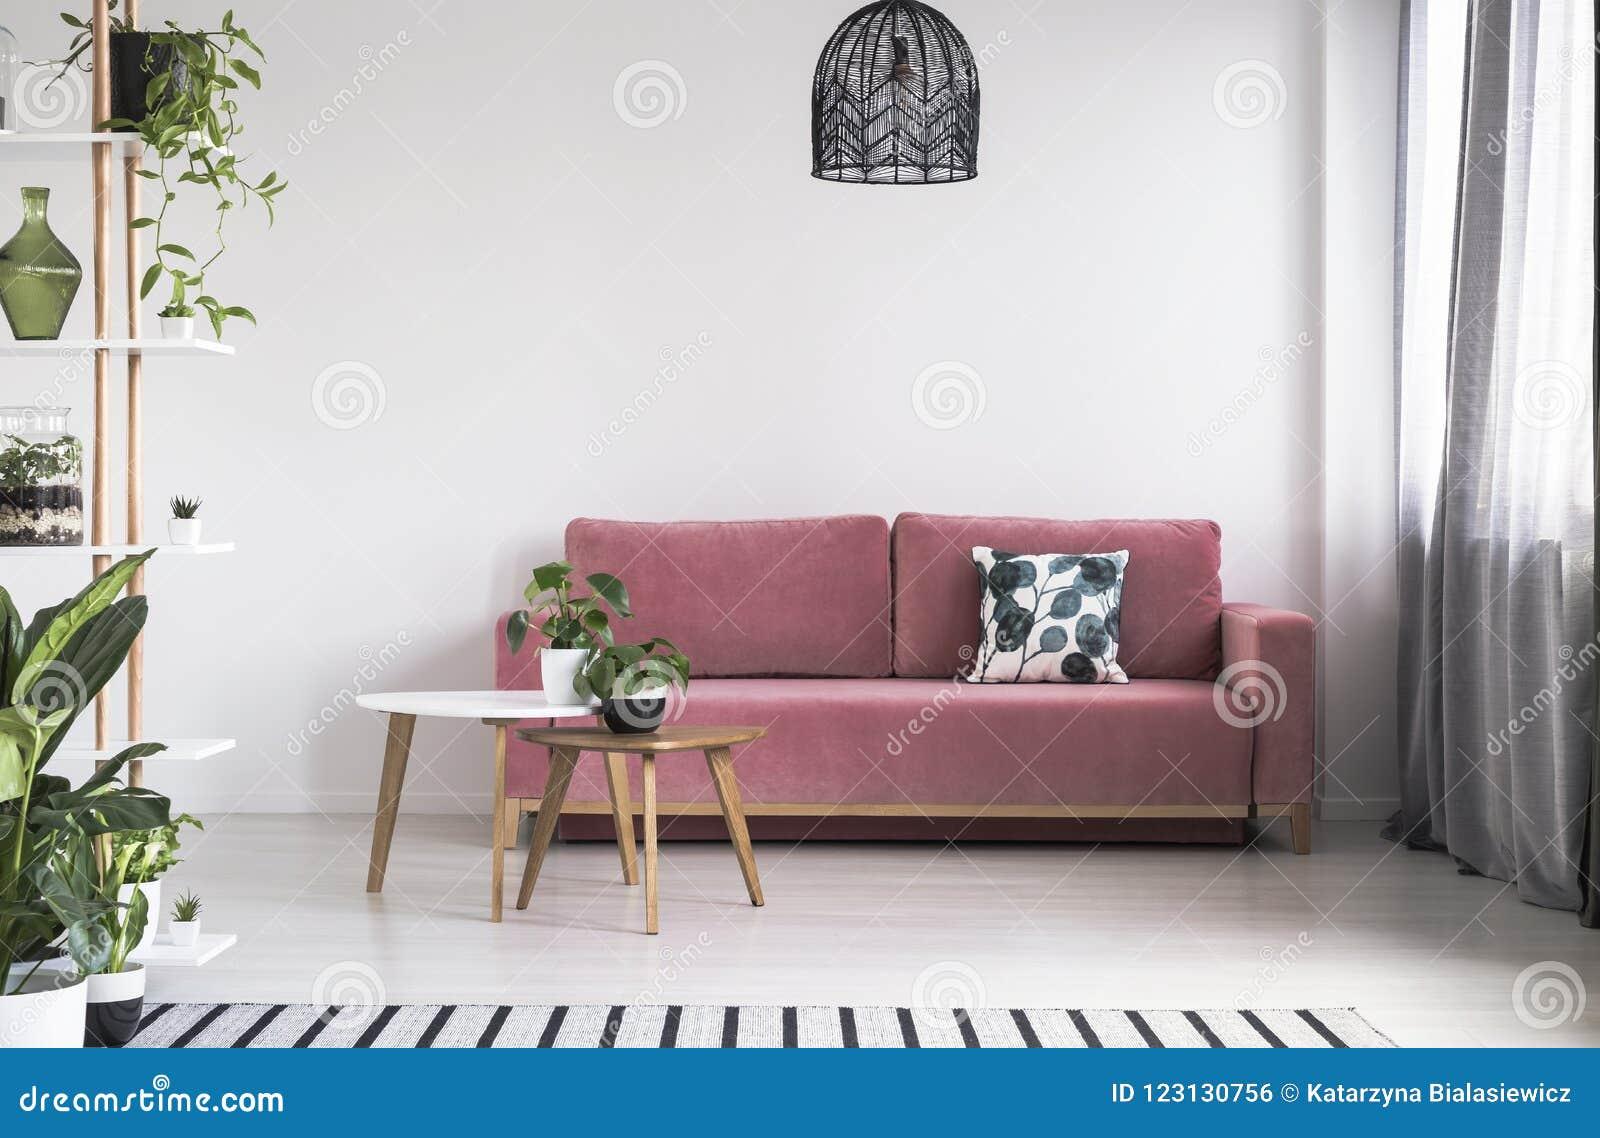 Planta na tabela na frente do sofá vermelho no interior brilhante da sala de visitas com lâmpada Foto real